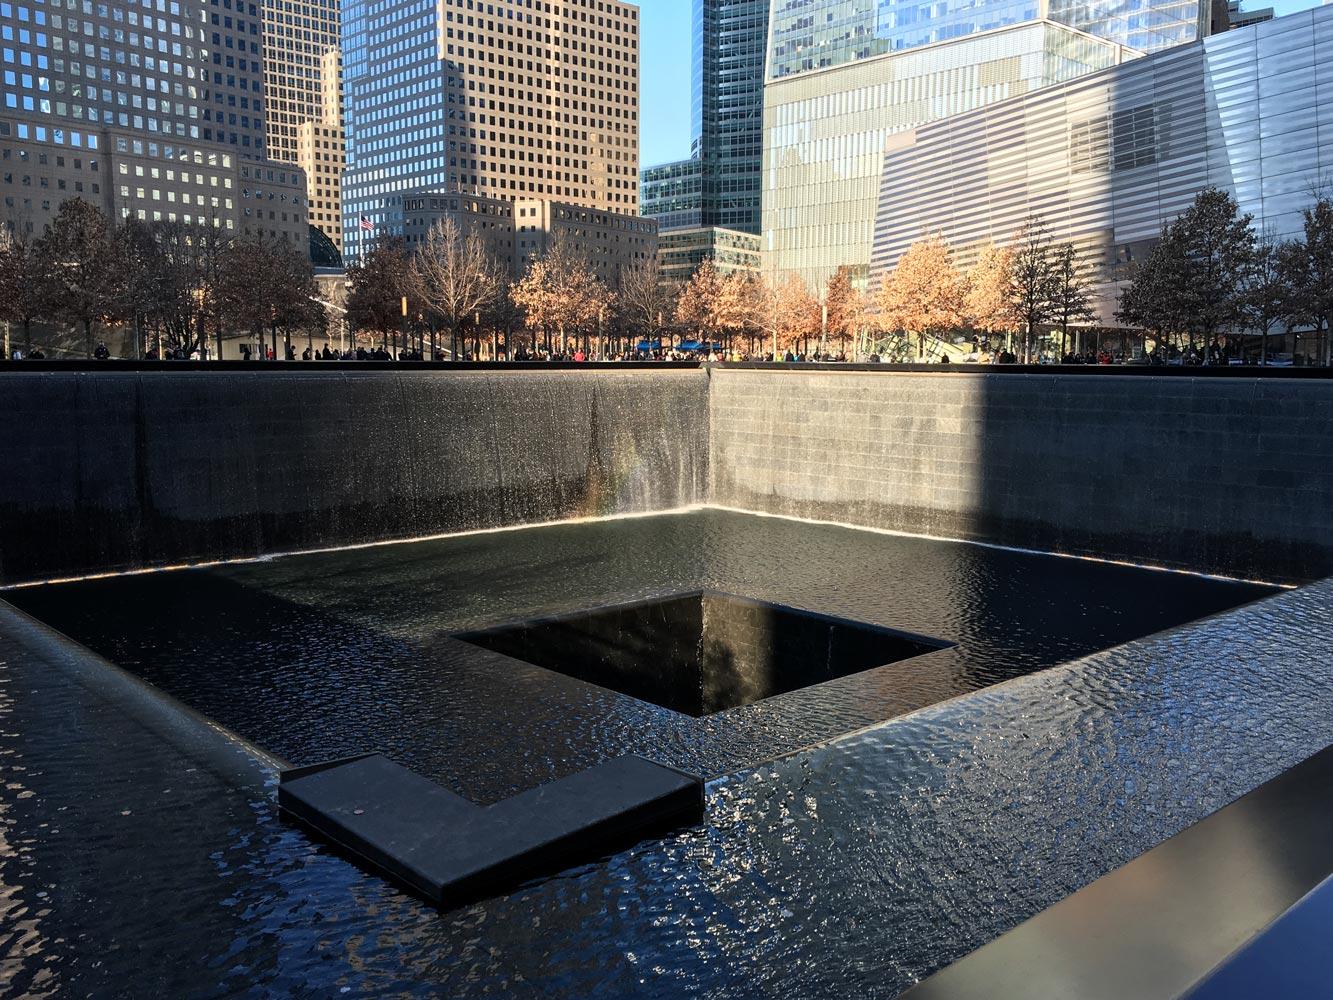 Memoriál 9/11